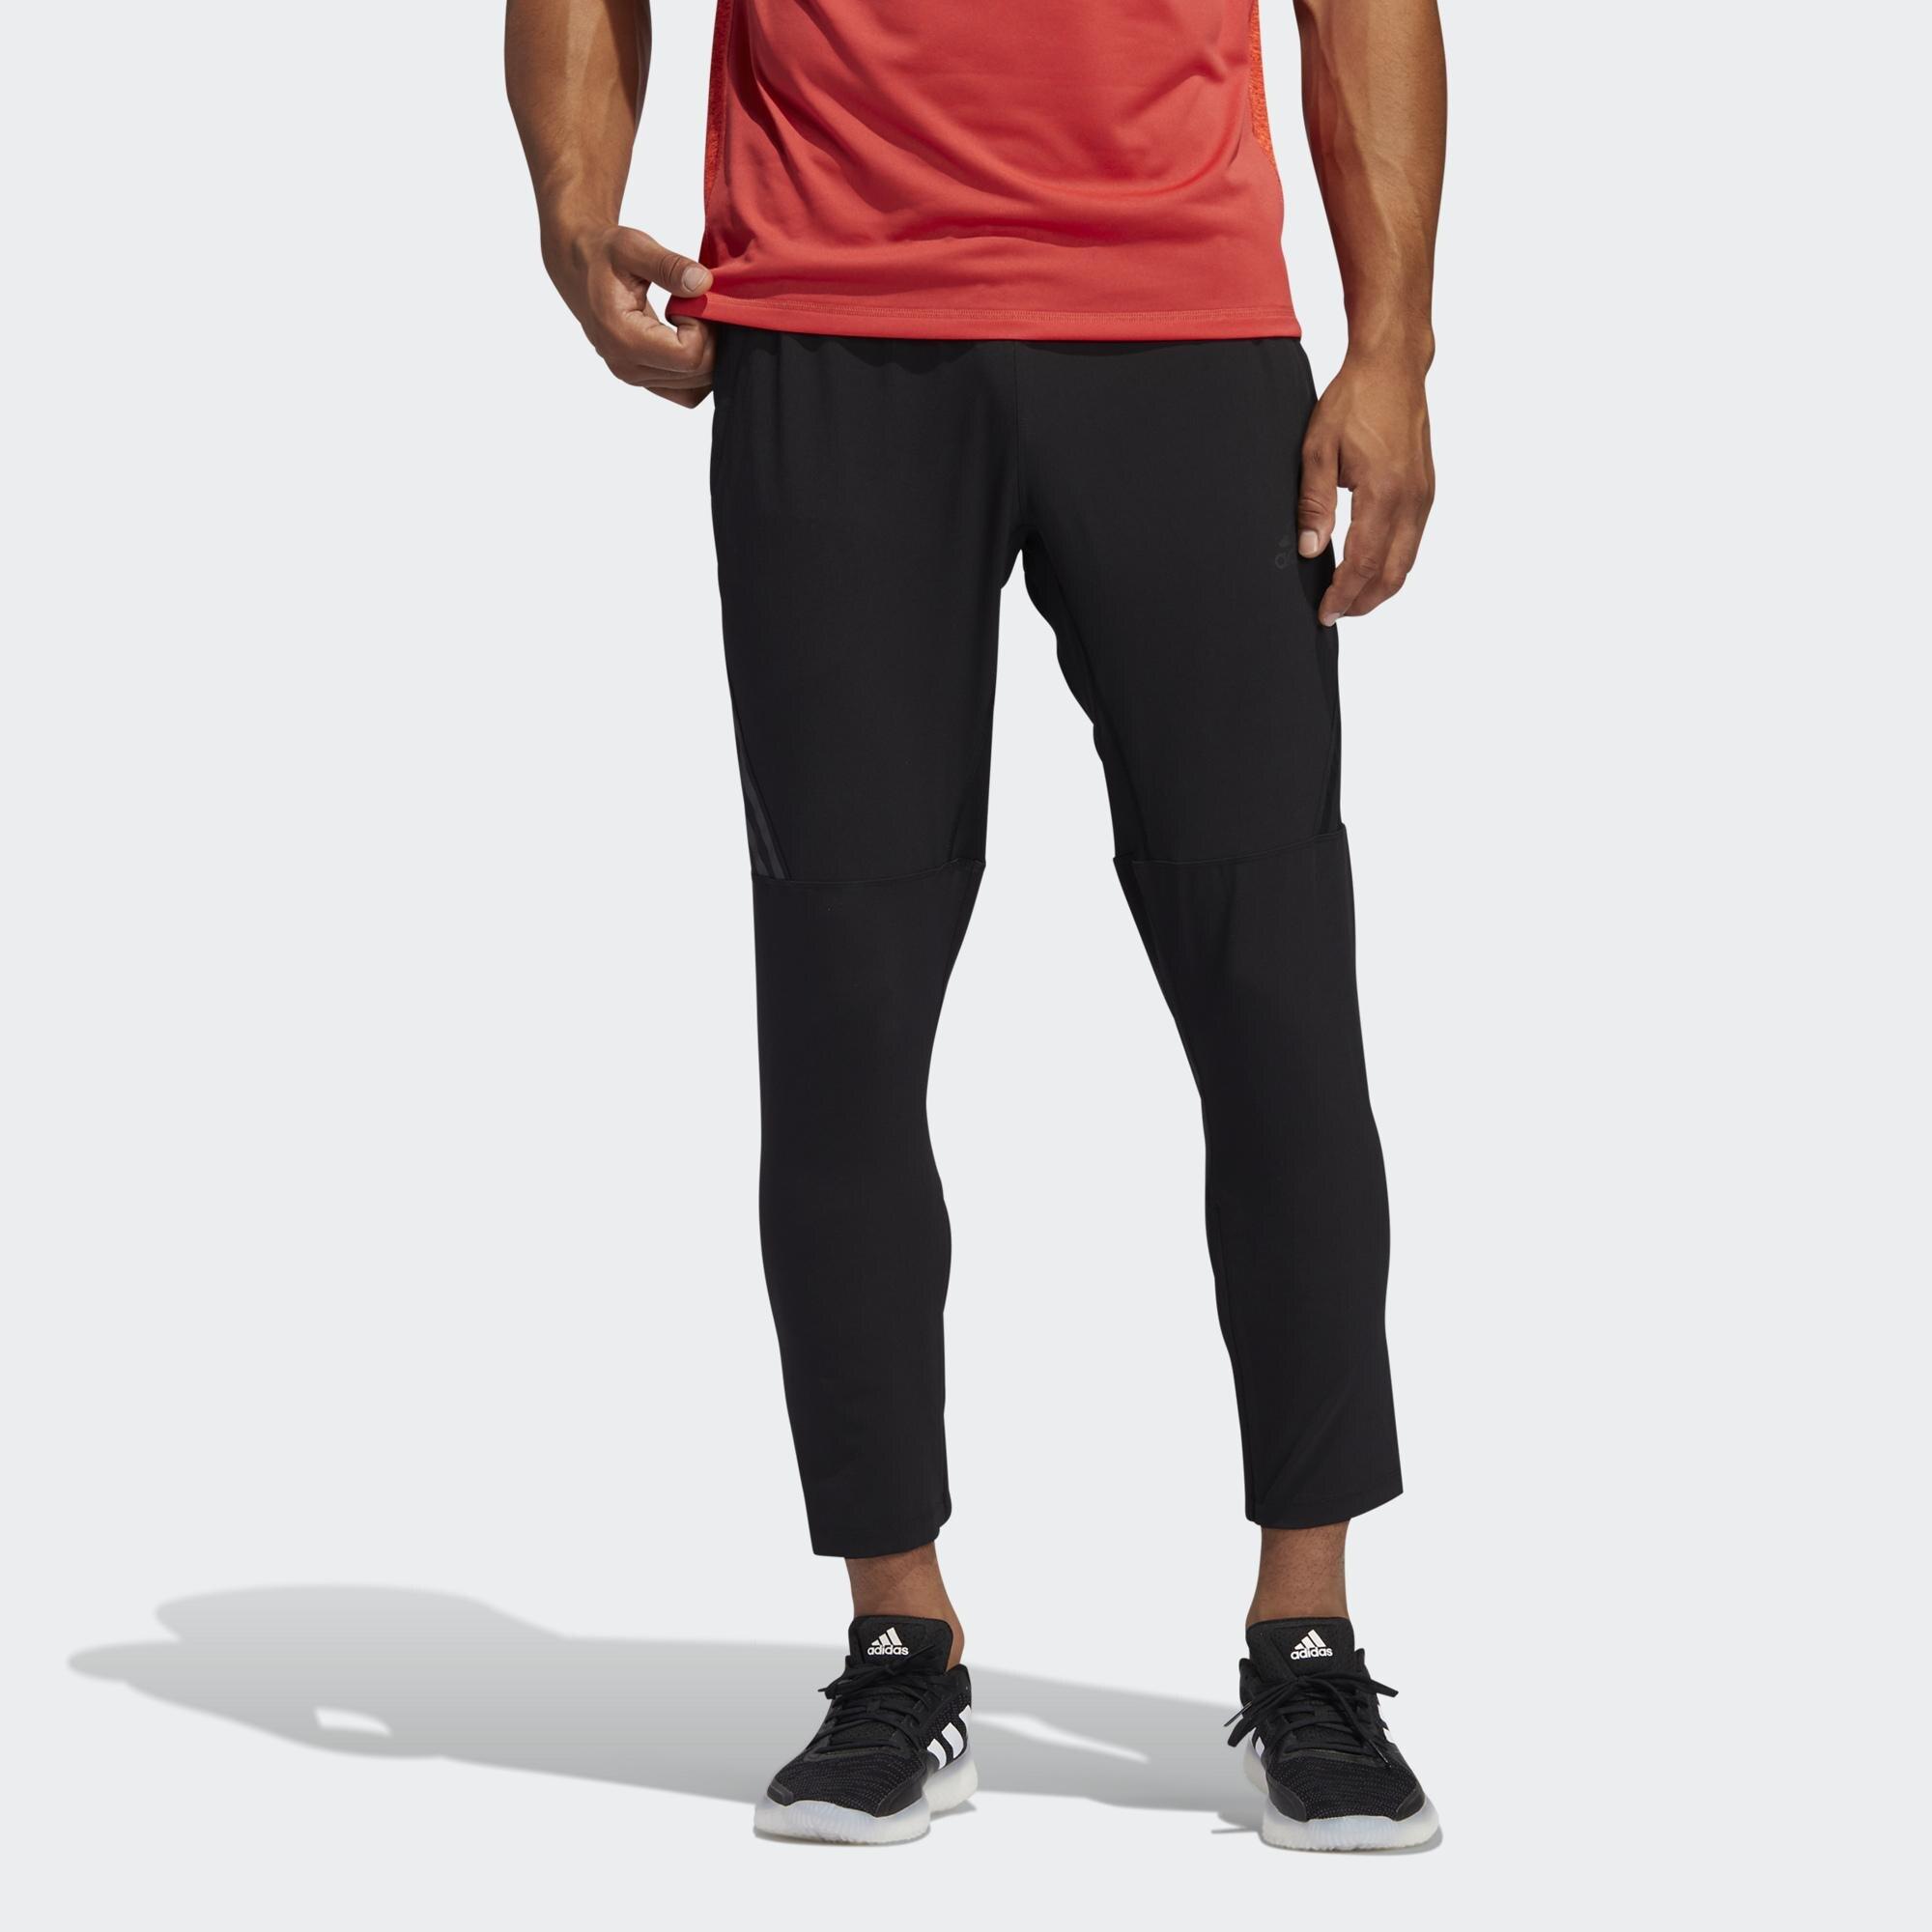 【領券最高折$300】【現貨】Adidas AEROREADY 男裝 長褲 訓練 健身 腳踝拉鍊 鬆緊腰 側邊口袋 黑【運動世界】FJ6134